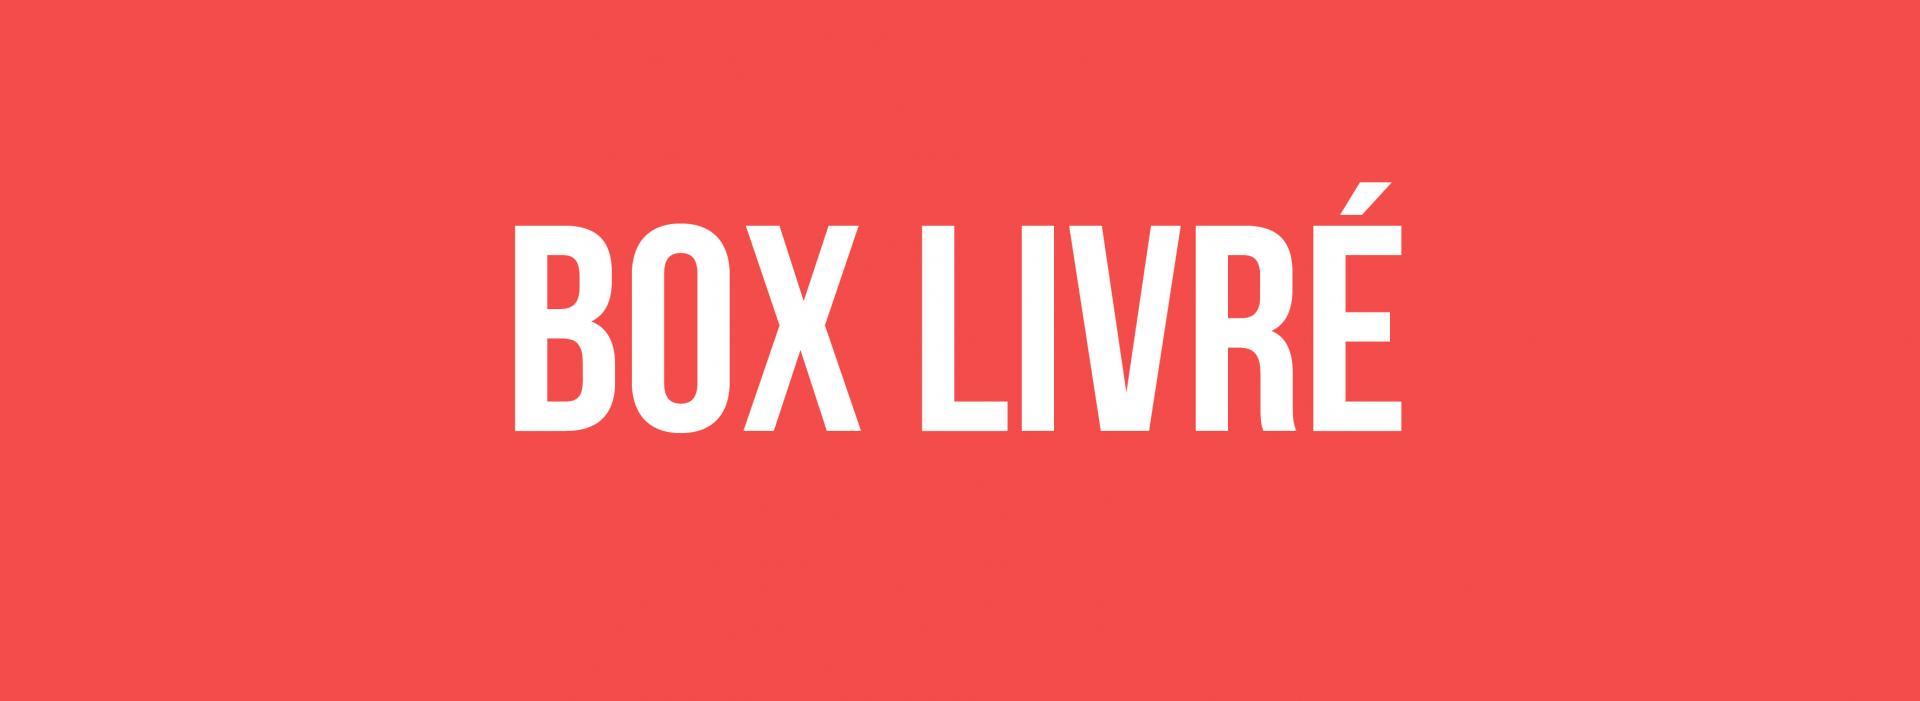 BOX LIVRÉ